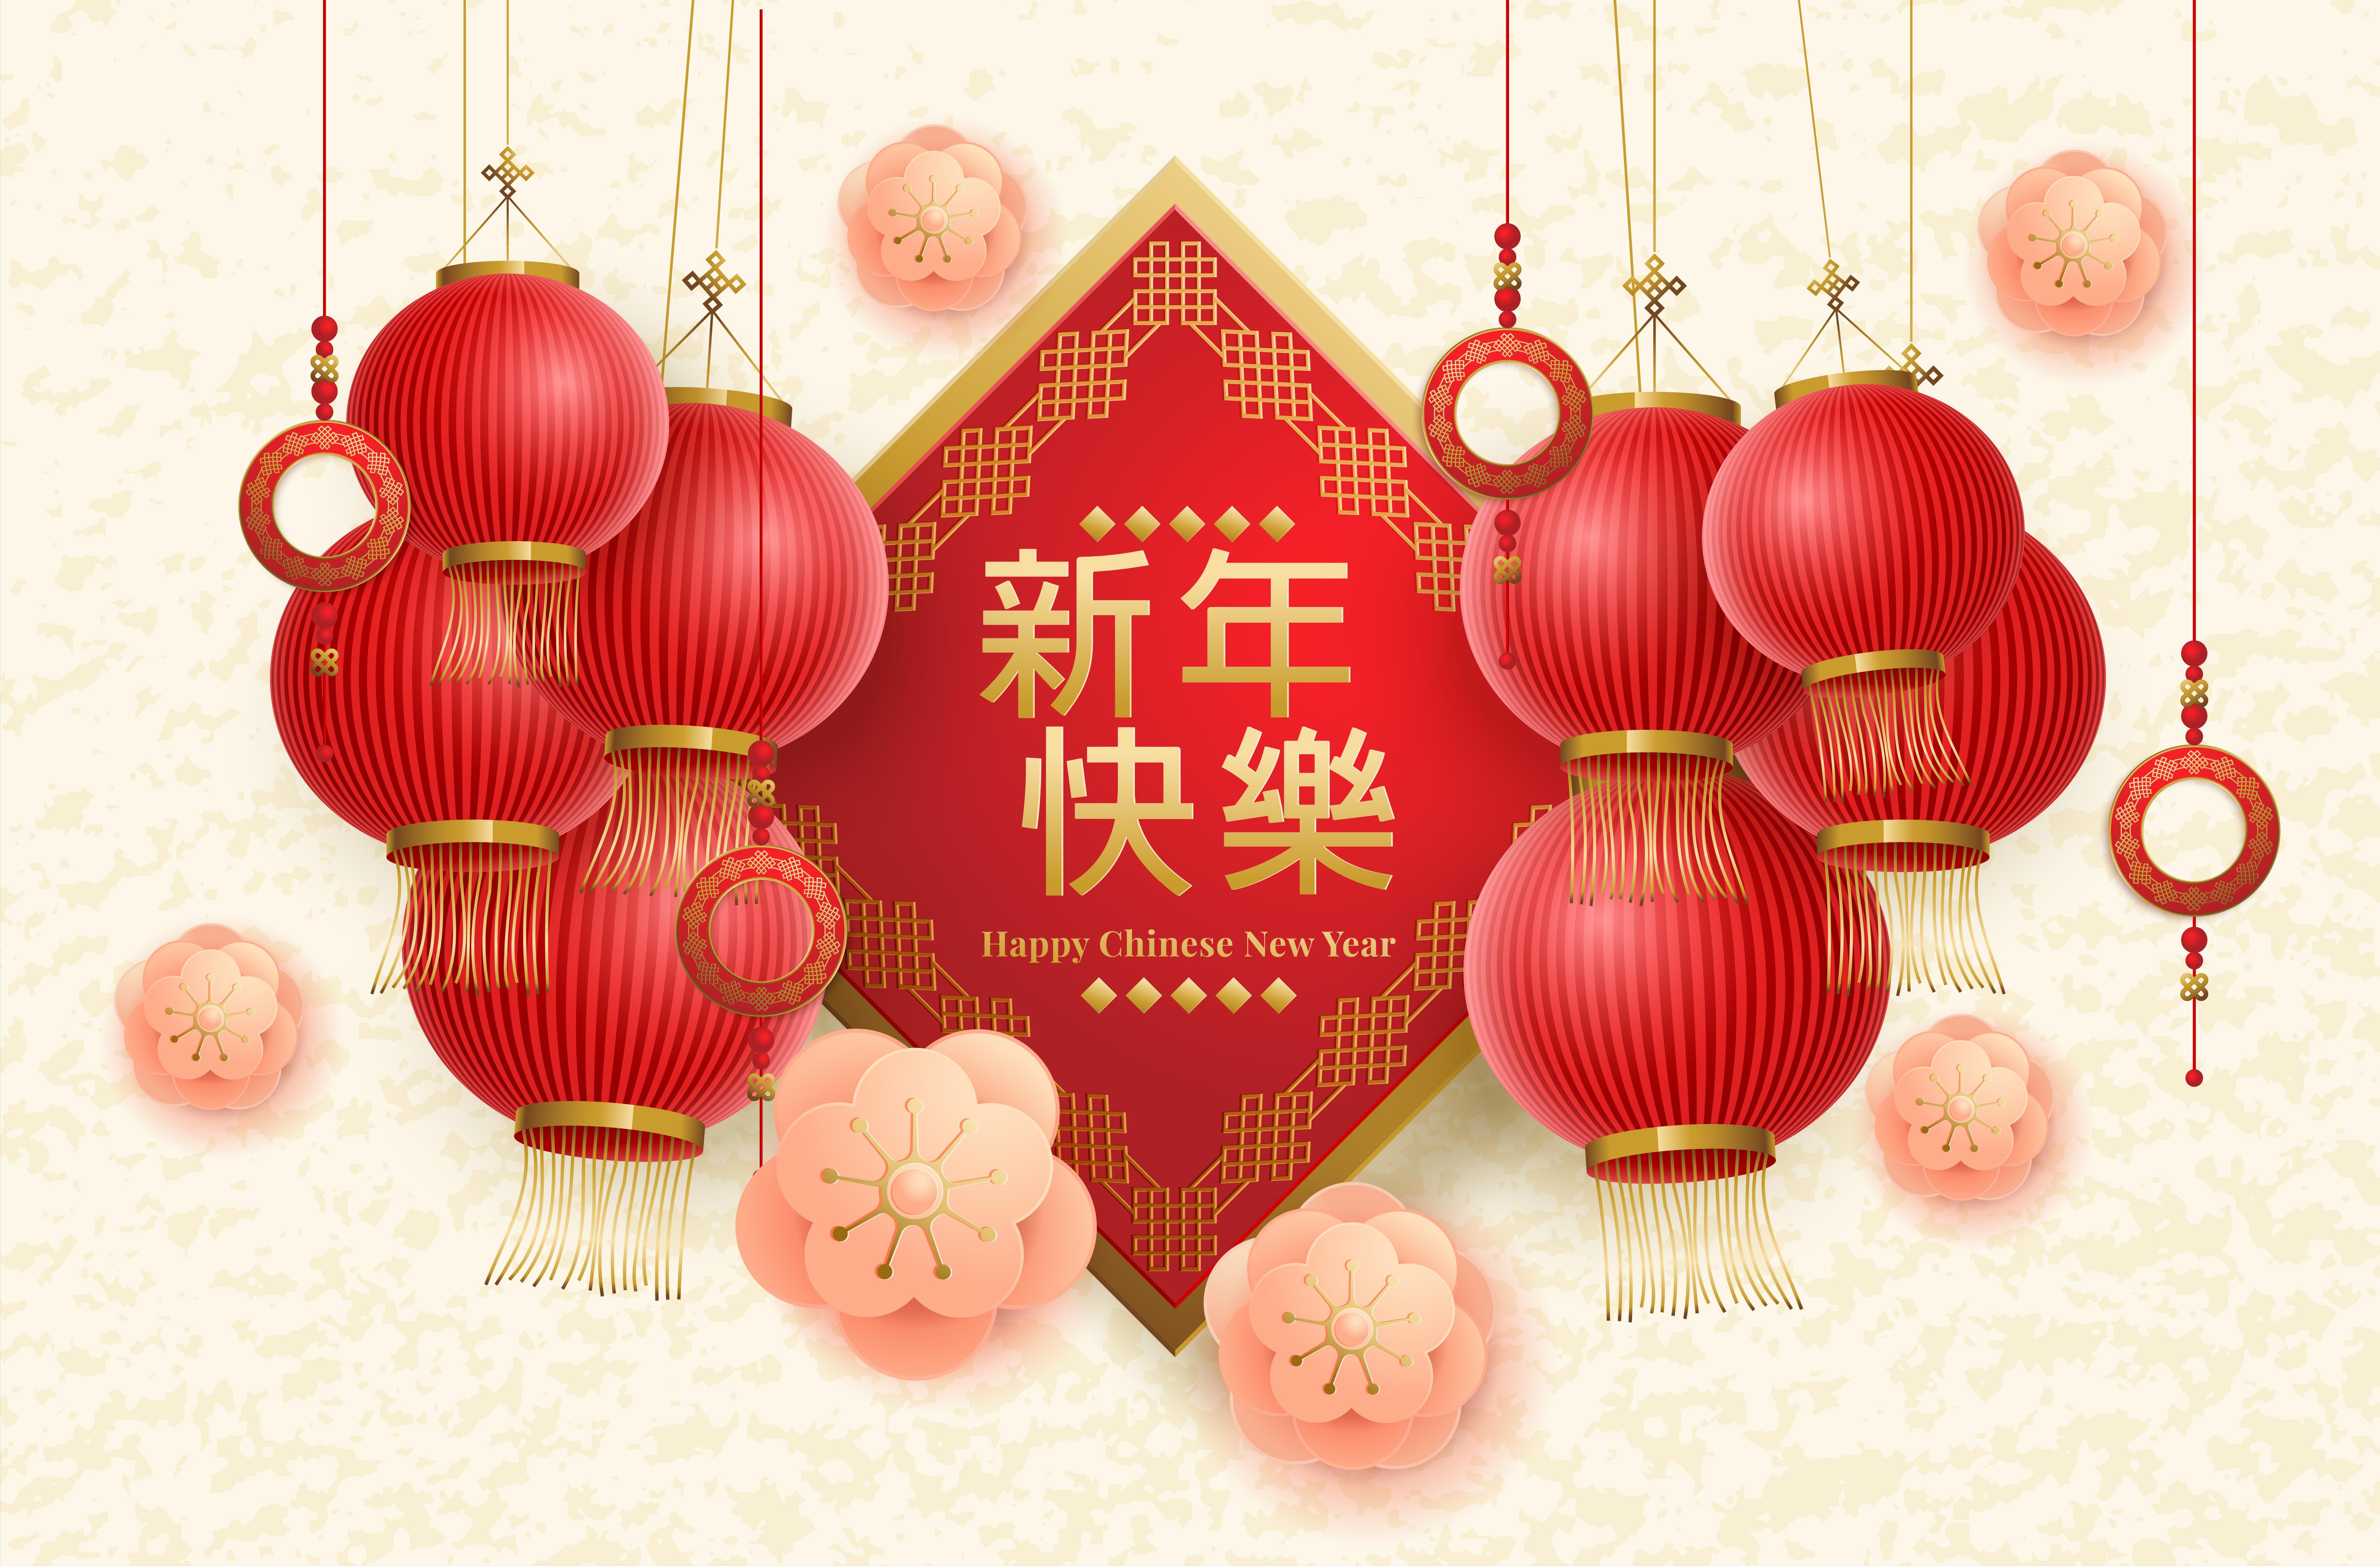 新年快樂圖